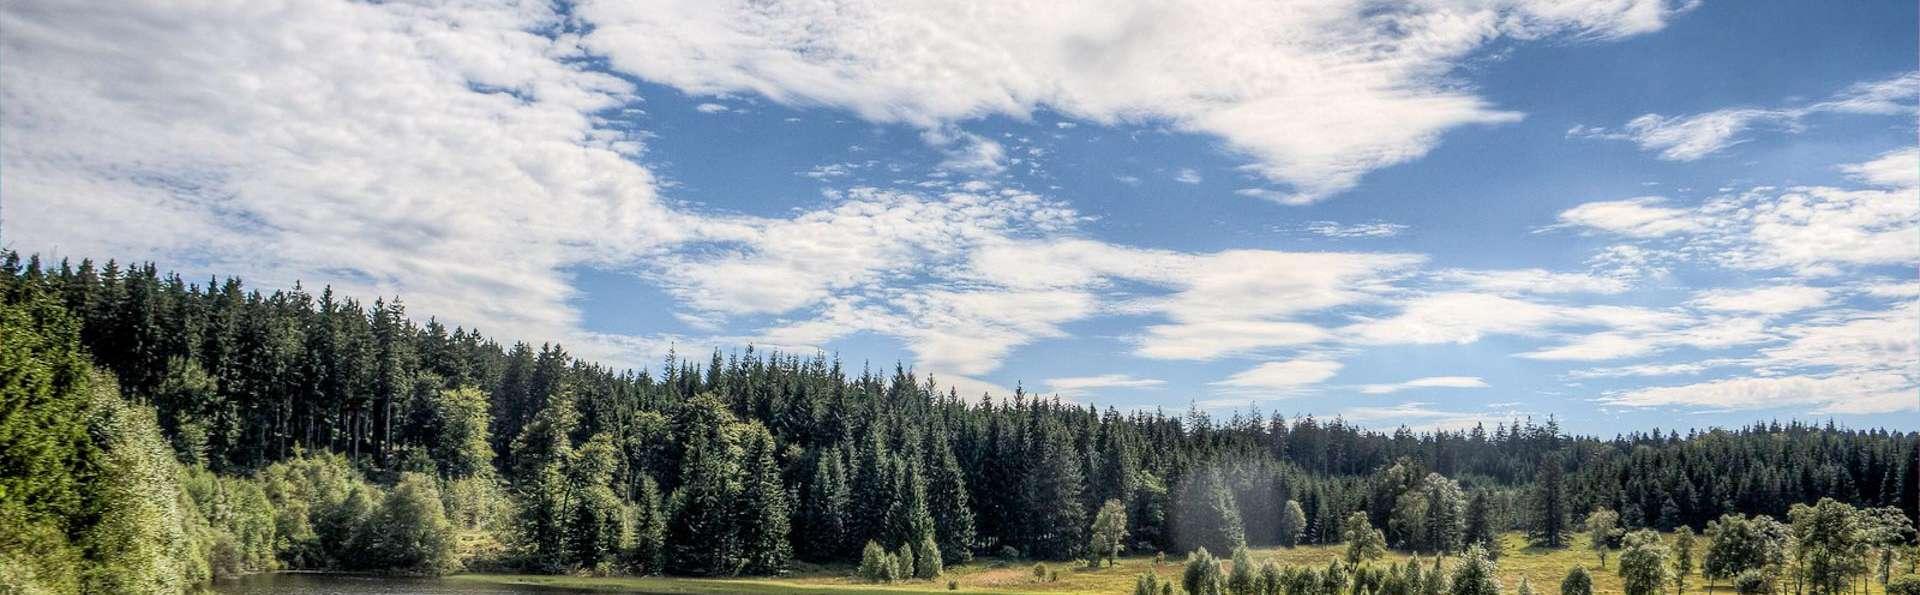 Echappée au cœur de la magnifique réserve naturelle des Hautes Fagnes